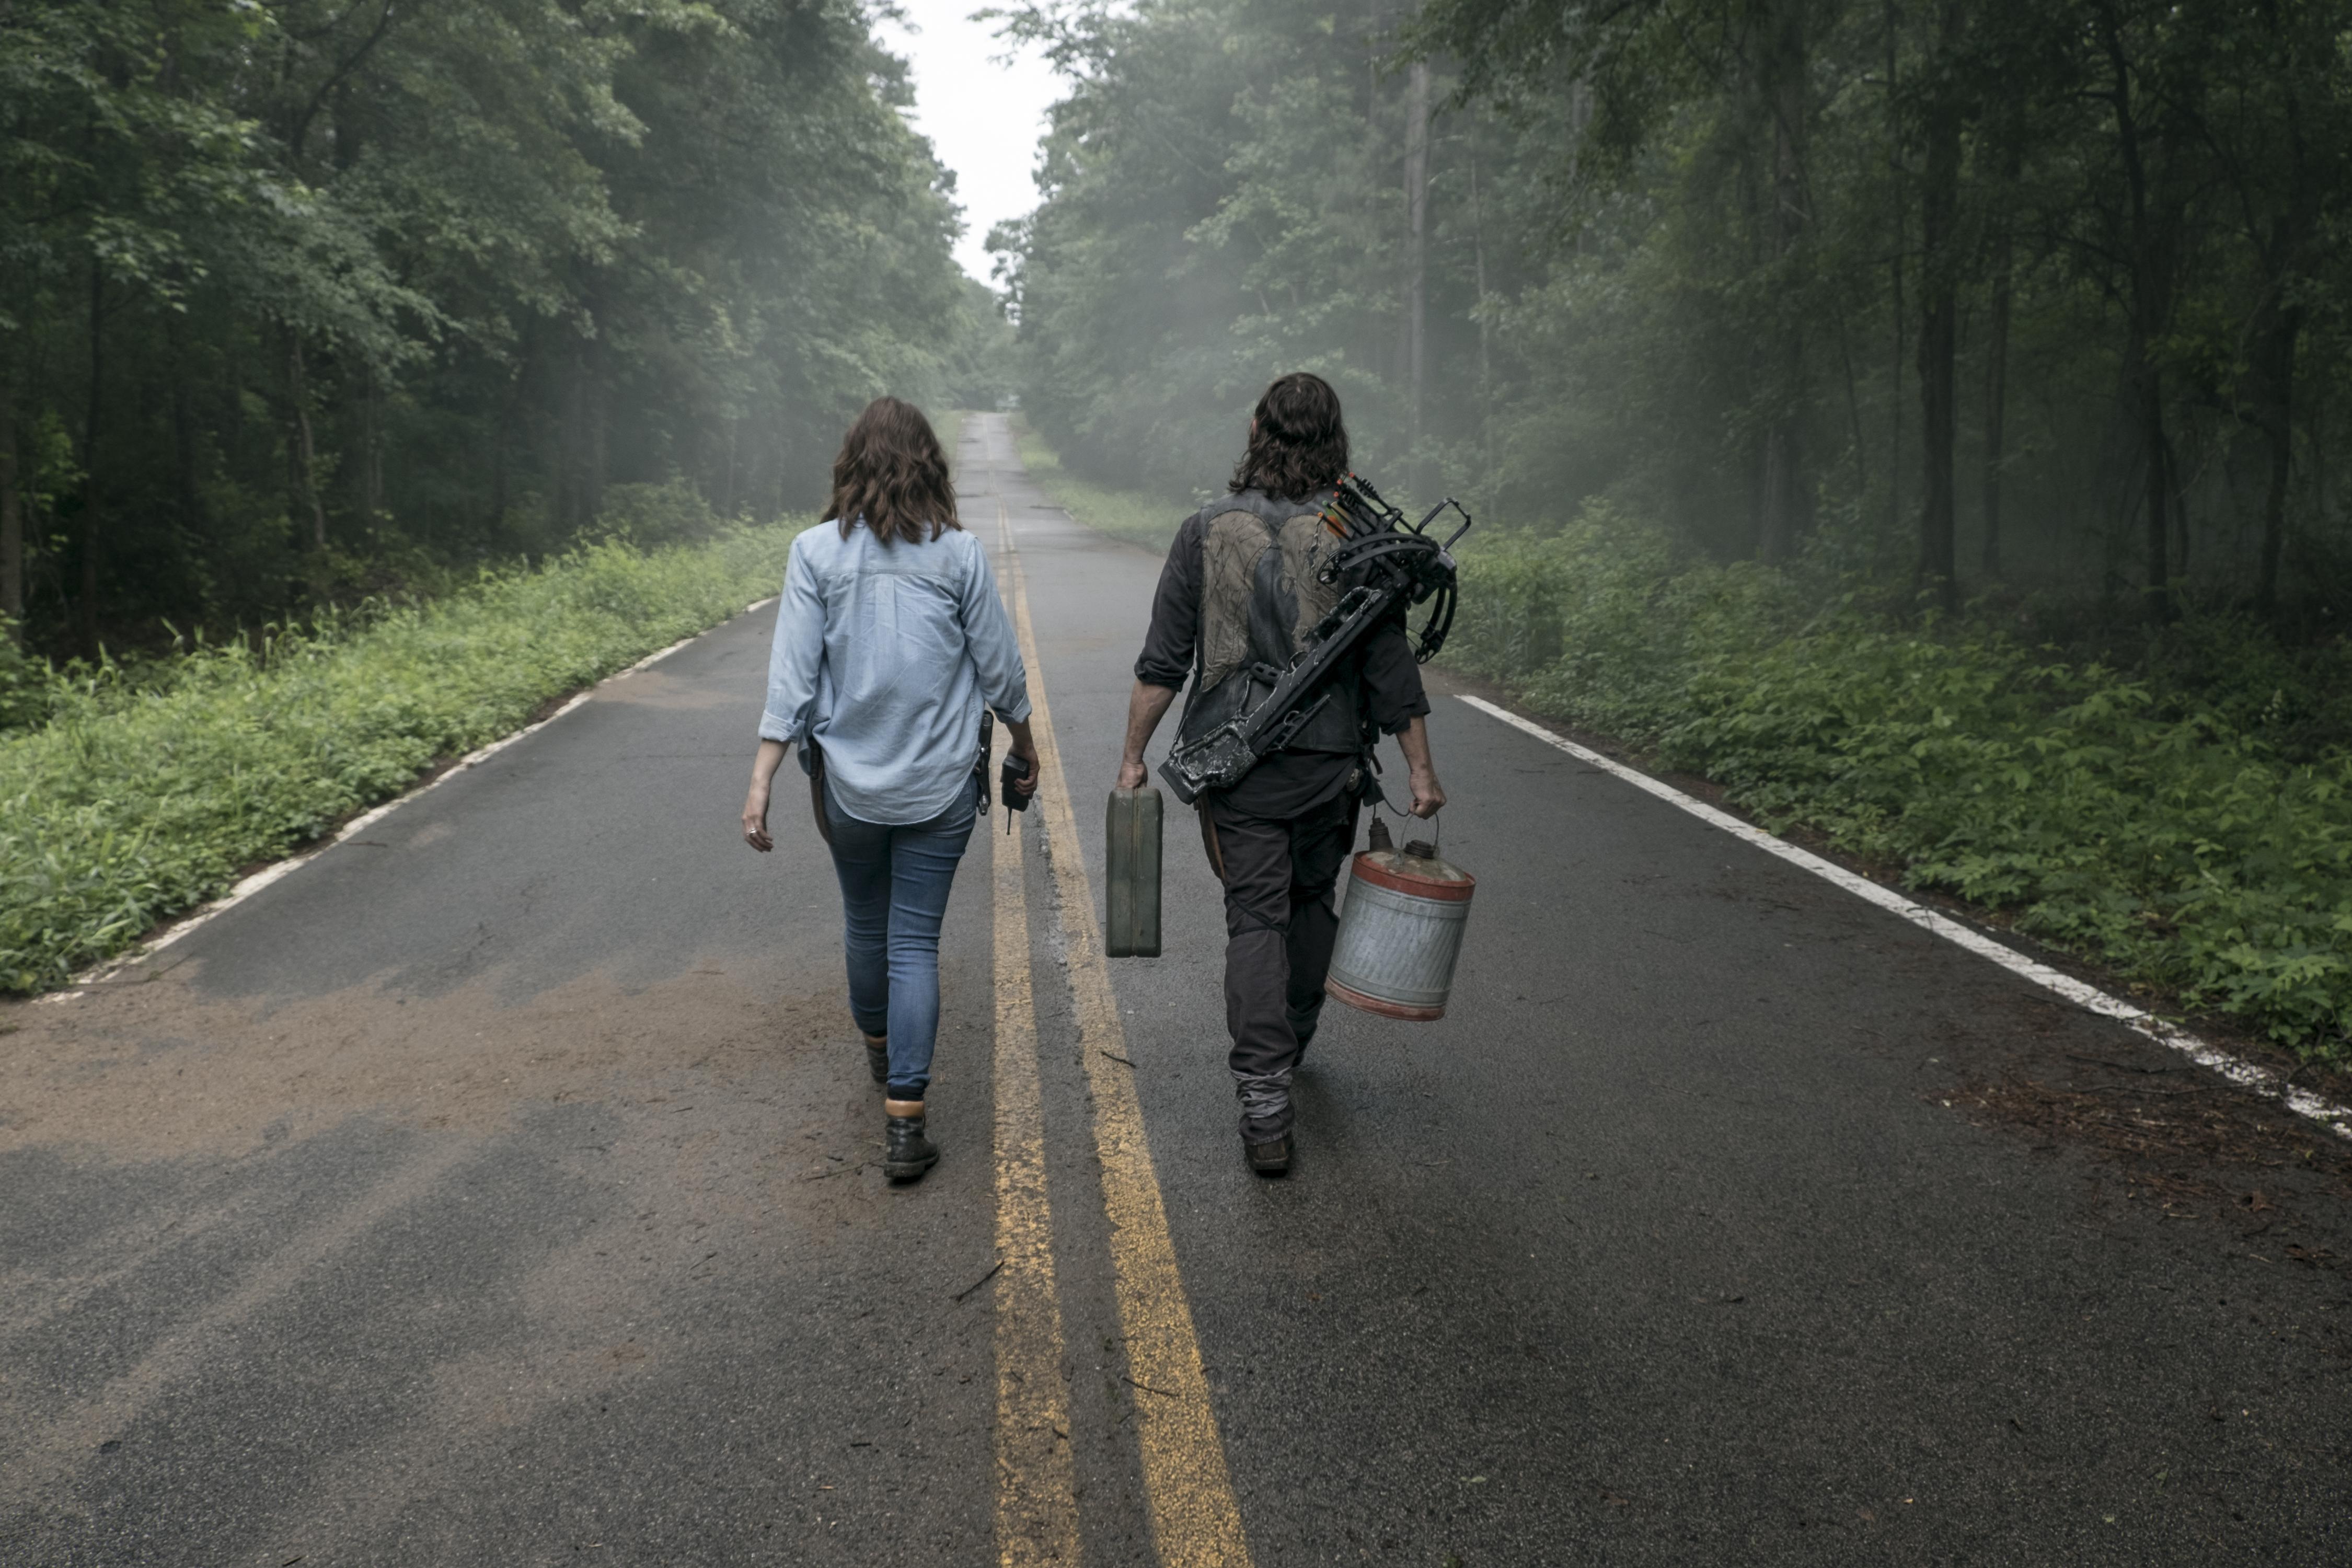 """Daryl Dixon (Norman Reedus) et Maggie Rhee (Lauren Cohan) sont en route pour aller """"voir"""" Negan... - The Walking Dead Saison 9 Épisode 3 - Crédit photo: Gene Page/AMC"""